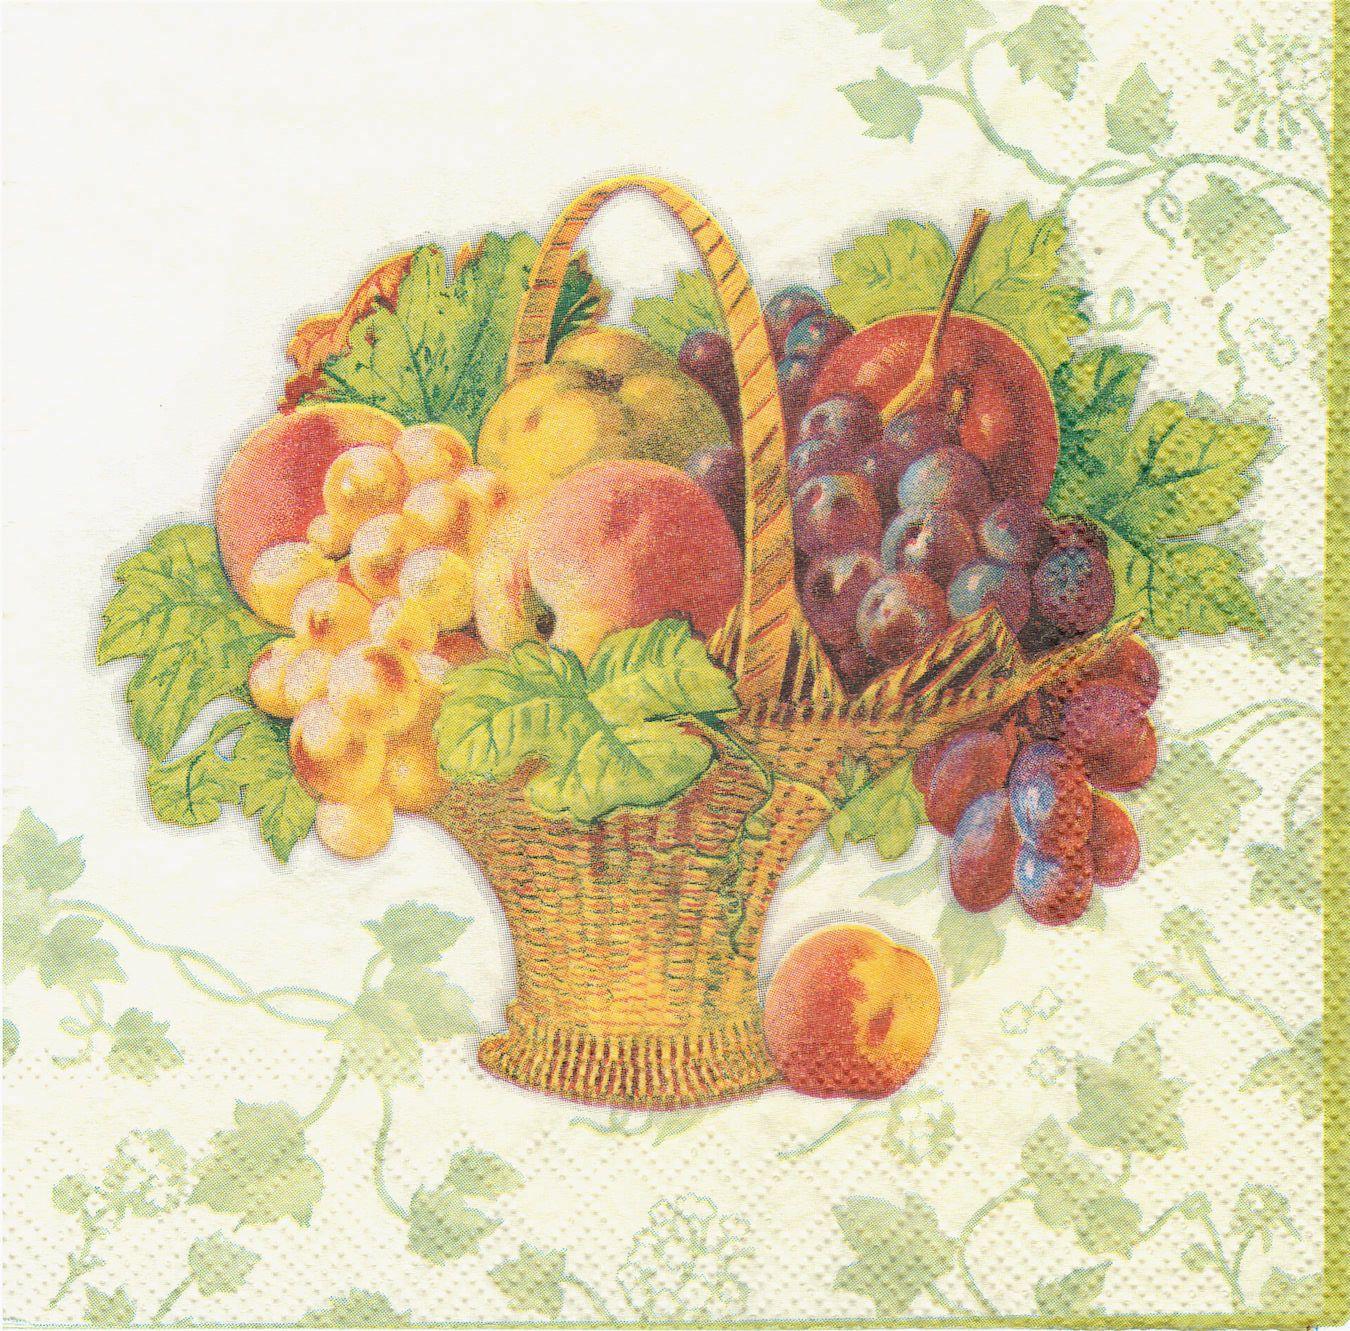 фрукты в вазе картинки для декупажа подбородке ещё